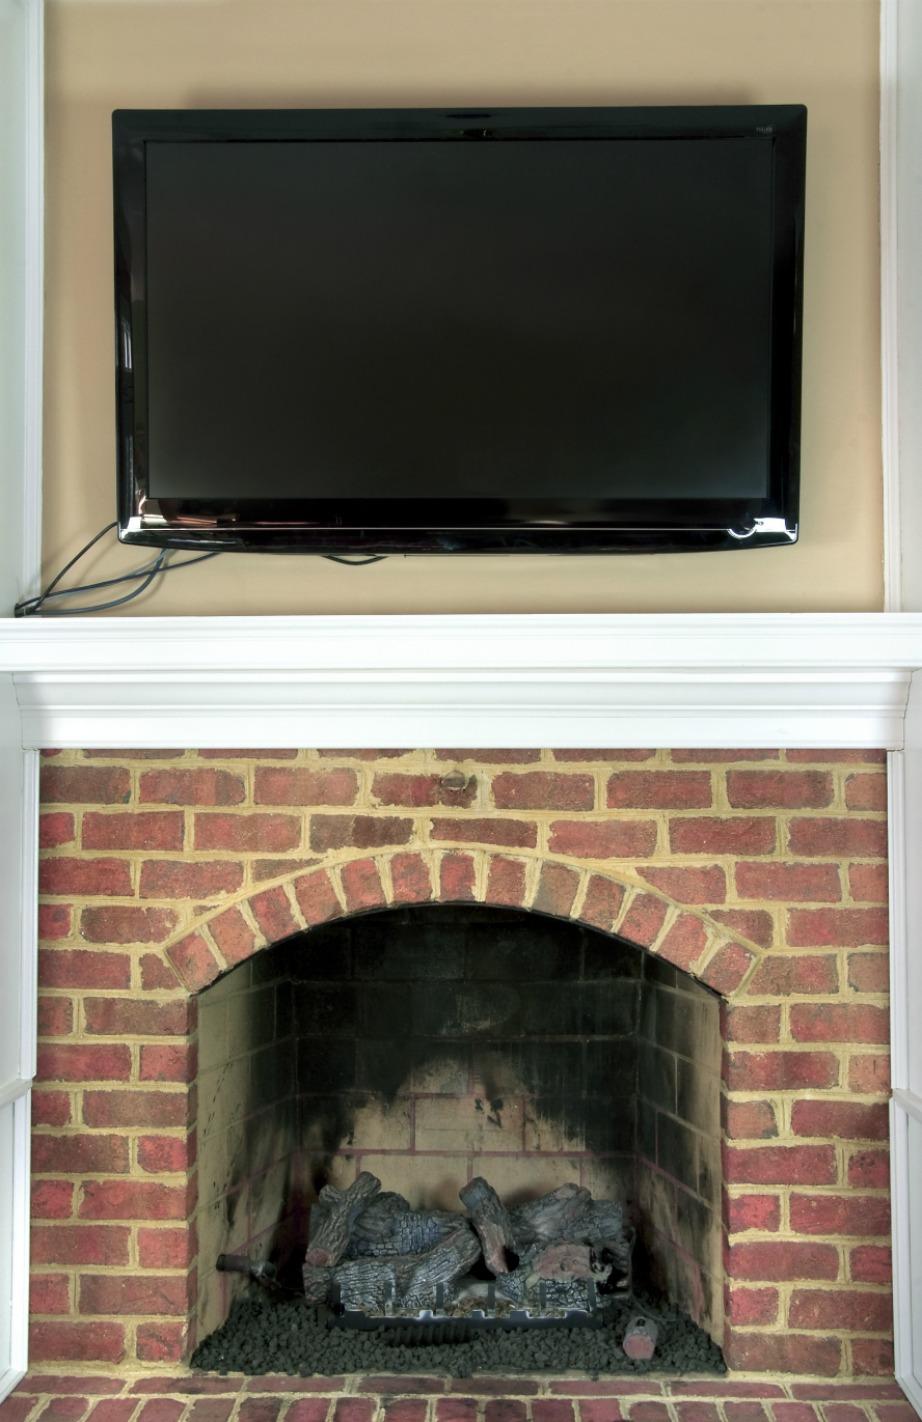 Με την τοποθέτηση της τηλεόρασης πάνω από το τζάκι εξοικονομείται χώρος.